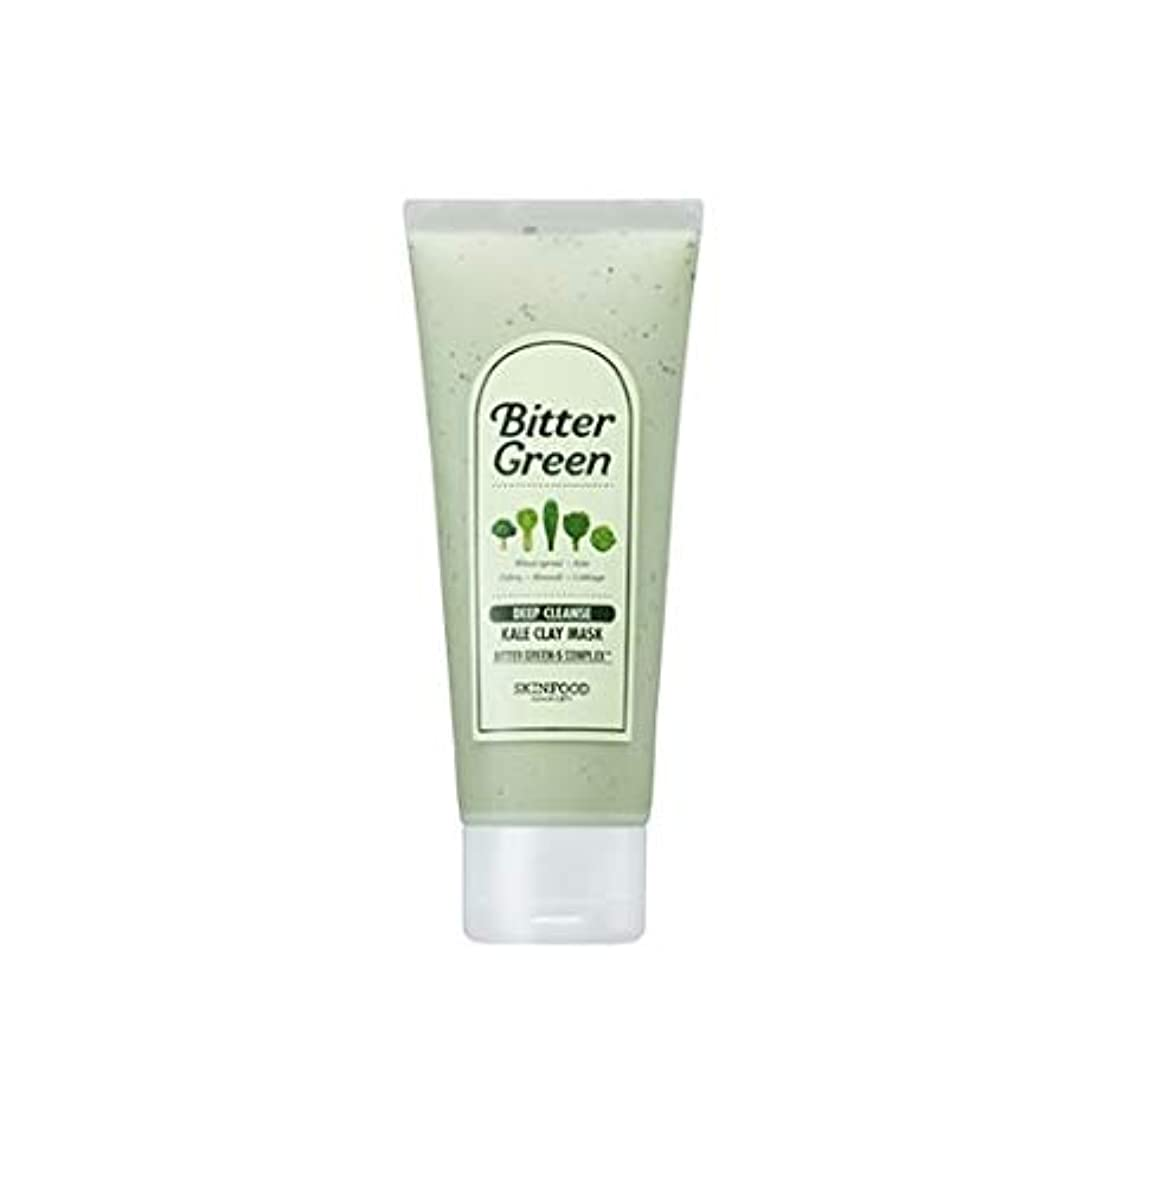 ハウスオリエンテーション鳩Skinfood ビターグリーンケールクレイマスク/bitter green kale clay mask 150g [並行輸入品]